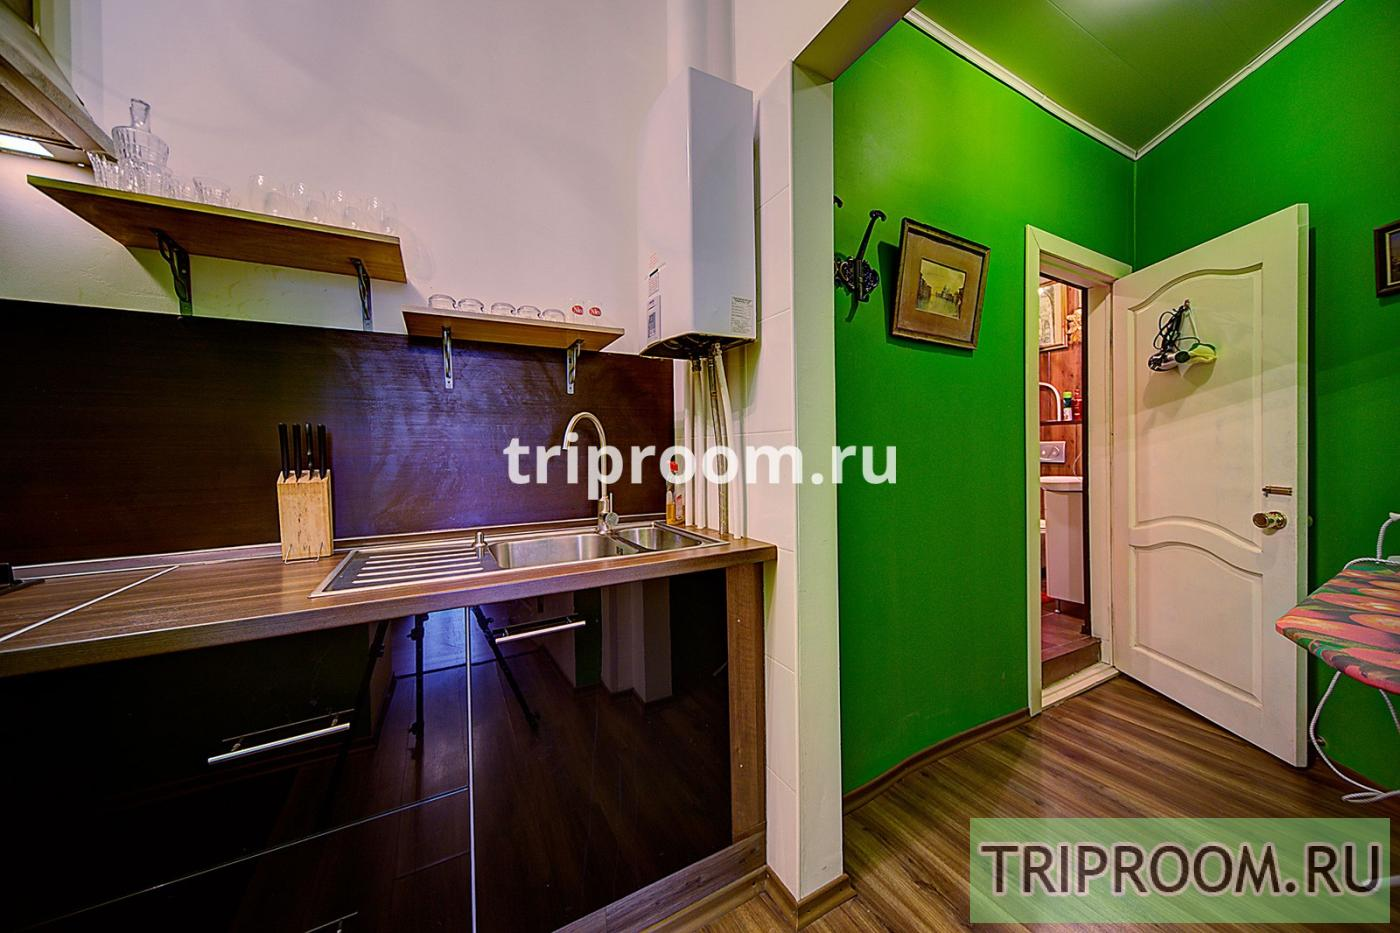 1-комнатная квартира посуточно (вариант № 15424), ул. Итальянская улица, фото № 9